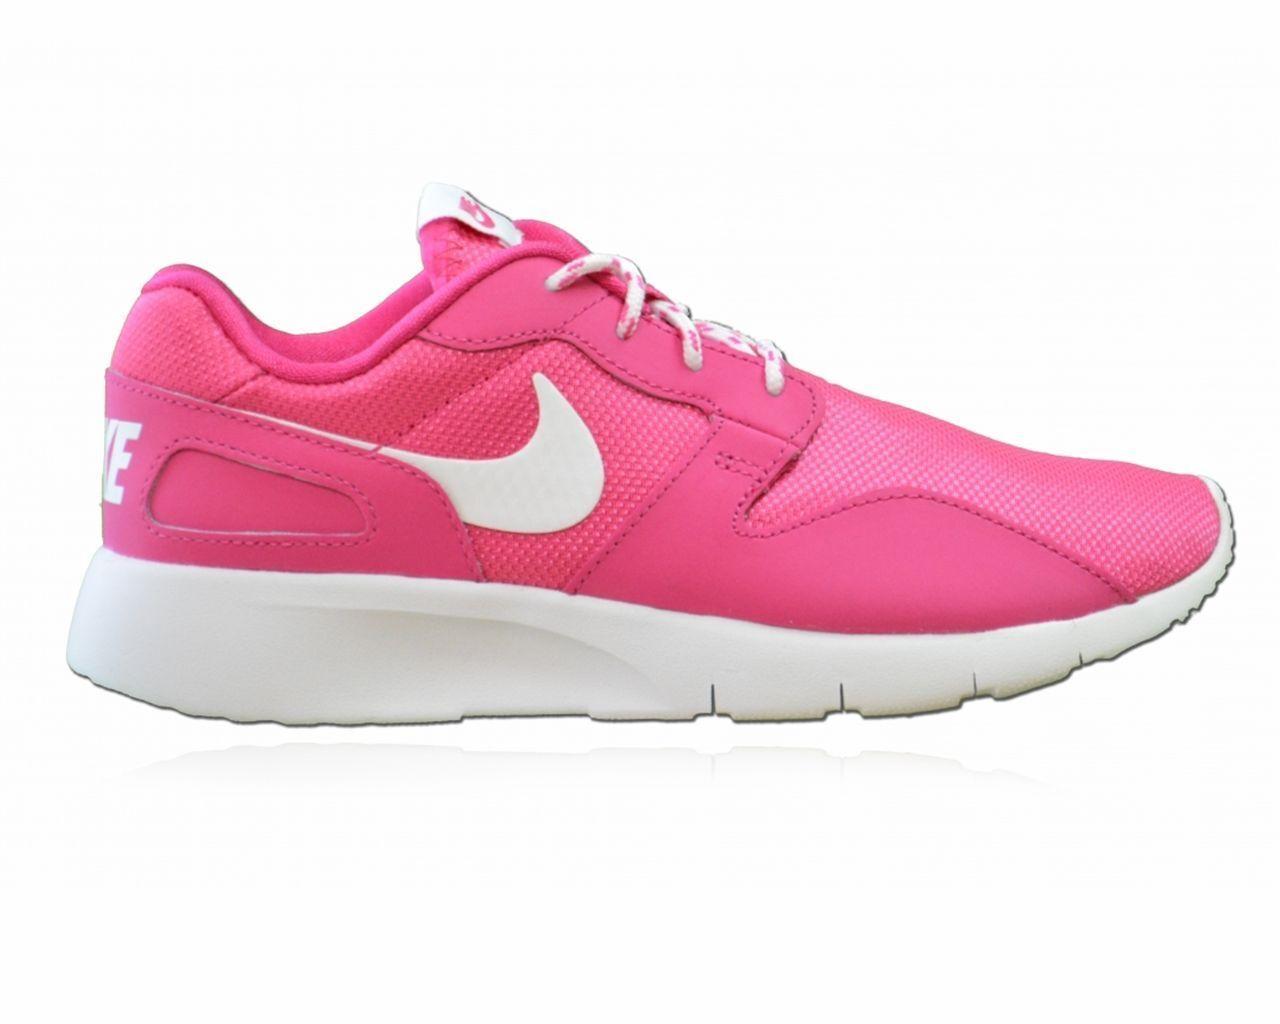 Donne Donne Donne donne nike sports fitness merletto palestra ragazze formatori scarpe. | A Basso Prezzo  29a9cb